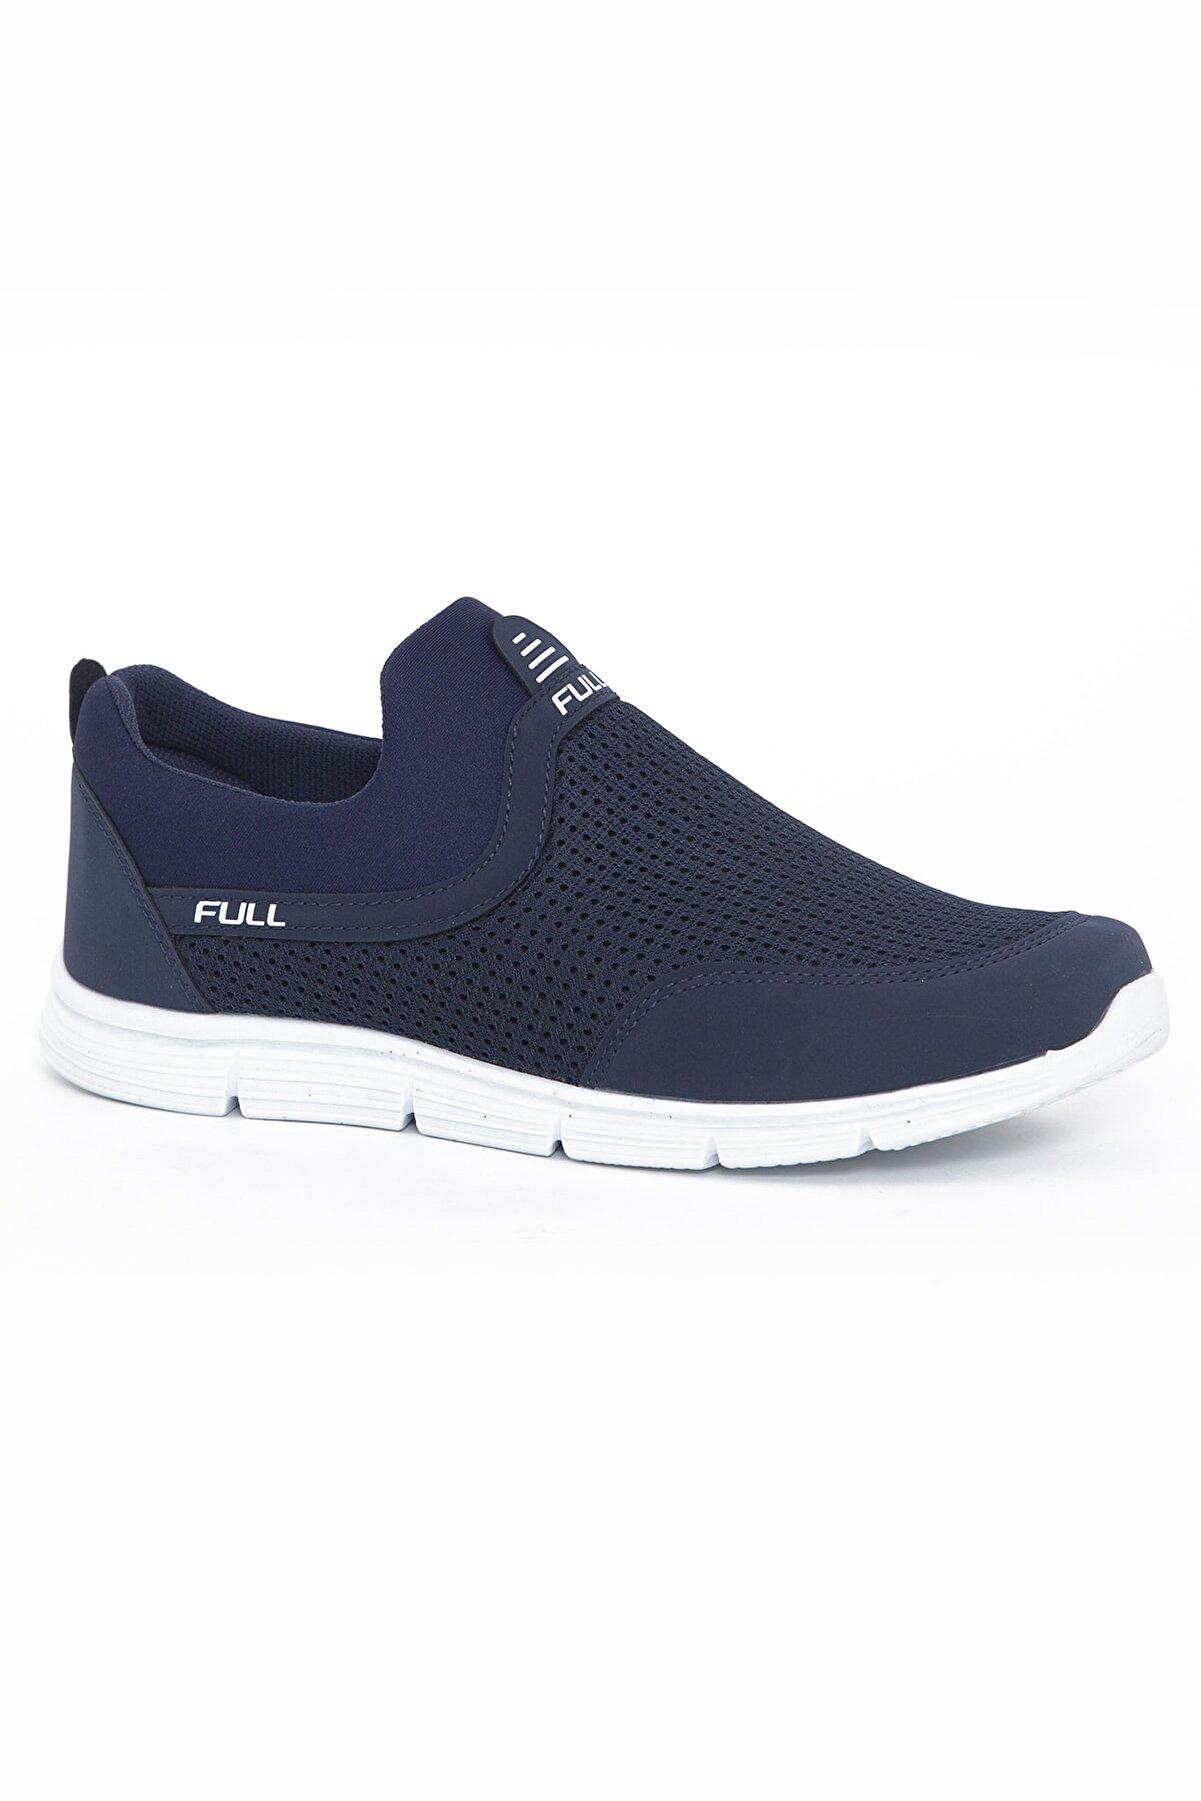 TOMSKİNG Erkek Lacivert Günlük Sneaker Ayakkabı 1068